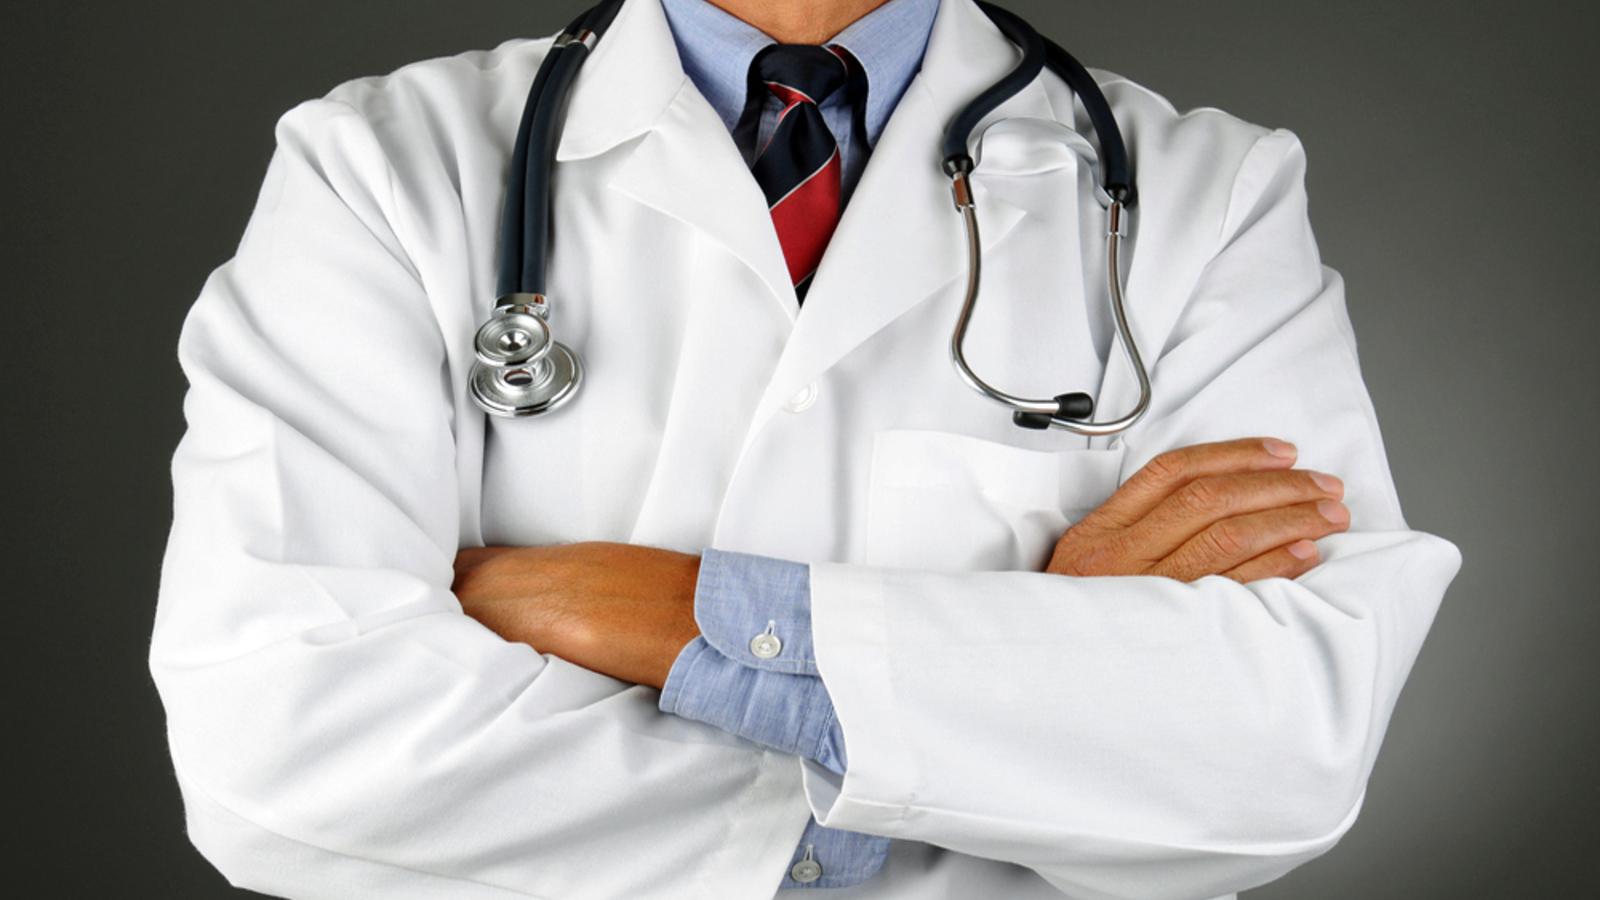 der-medizinische-fundamentalismus